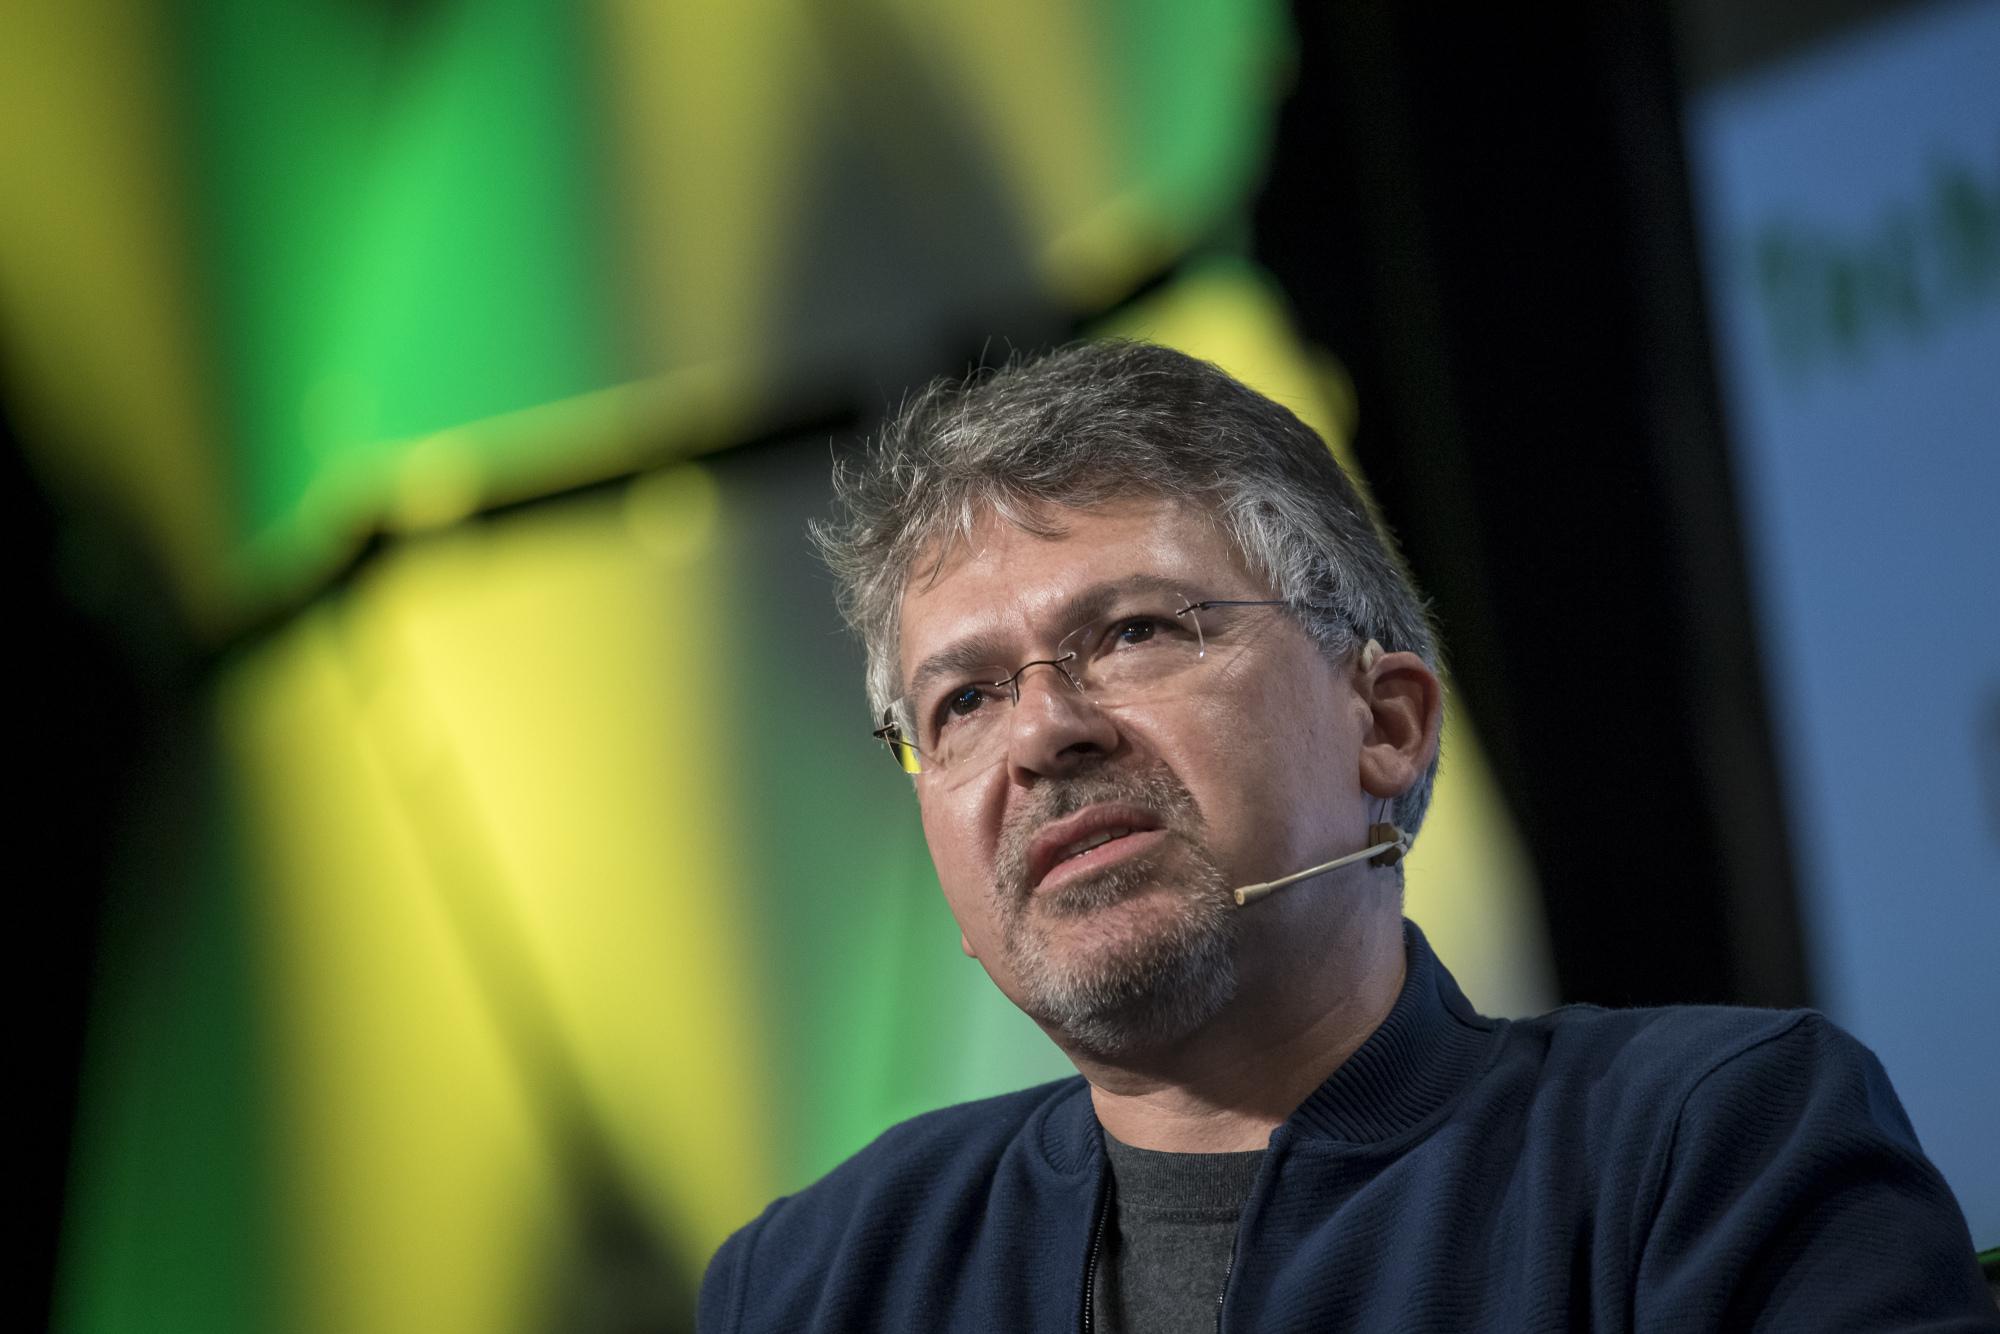 John Giannandrea przejmuje obowiązki szefa projektu dot. autonomicznego pojazdu Apple (fot. Bloomberg)